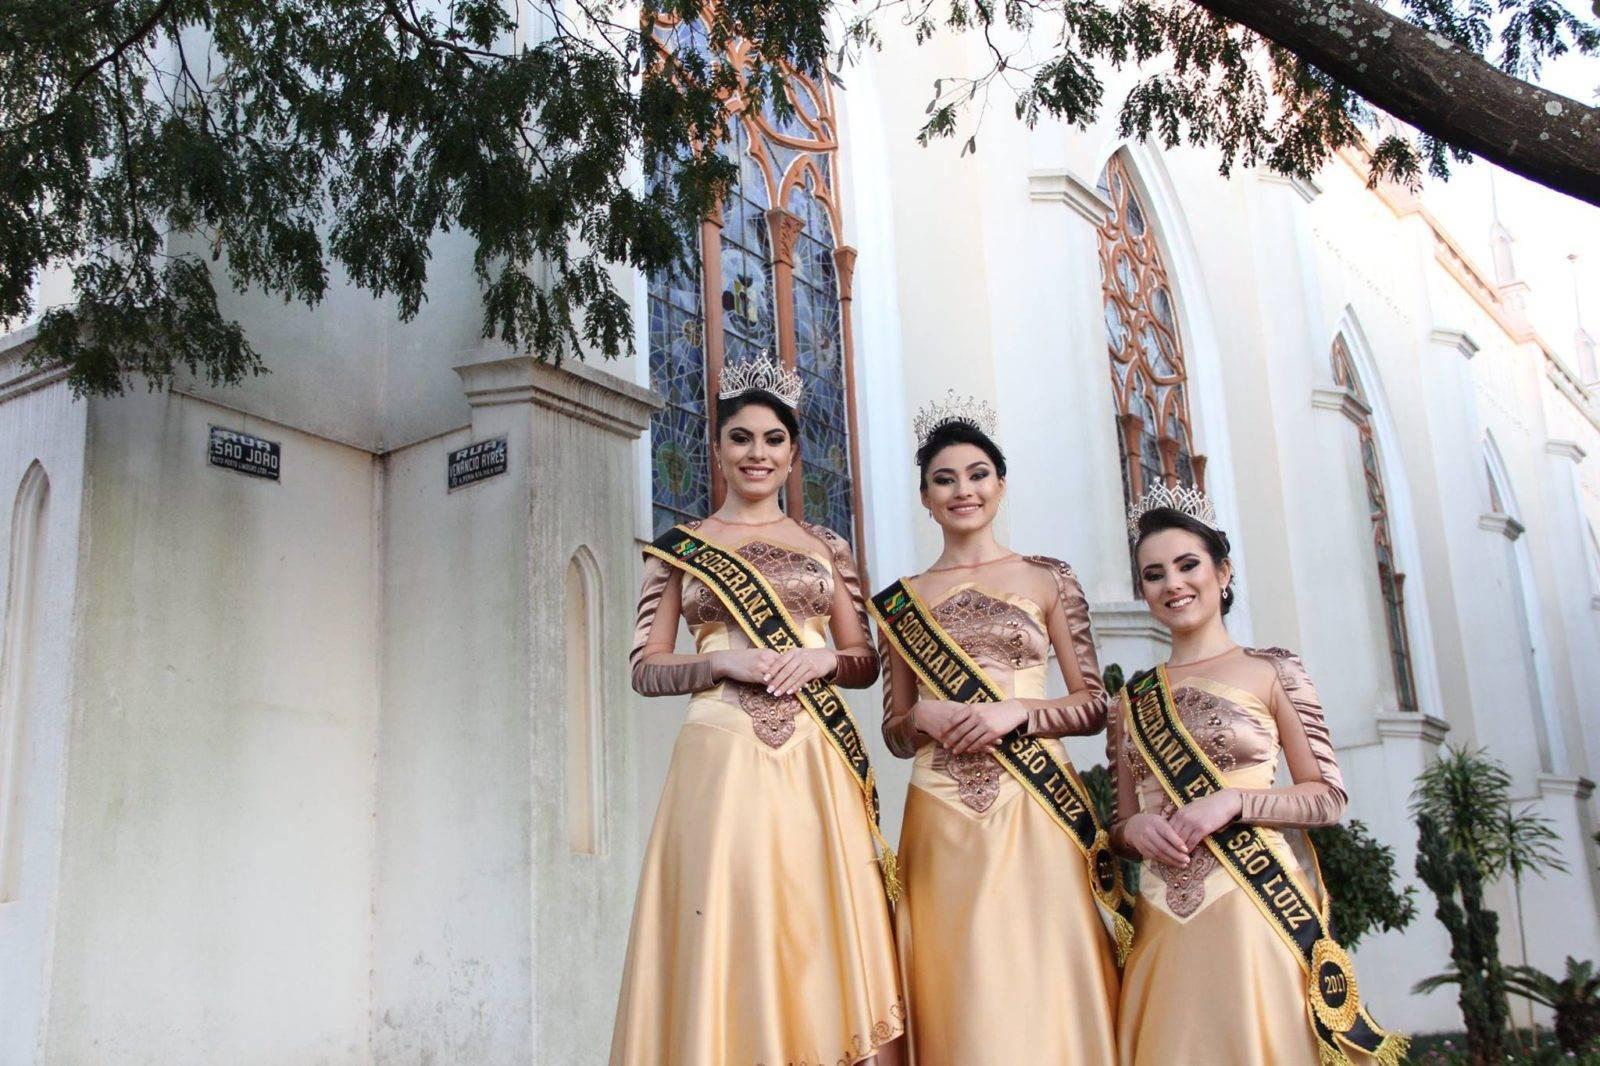 Escolha das Soberanas da Expo São Luiz será no dia 25 de novembro, na Praça Cícero Cavalheiro